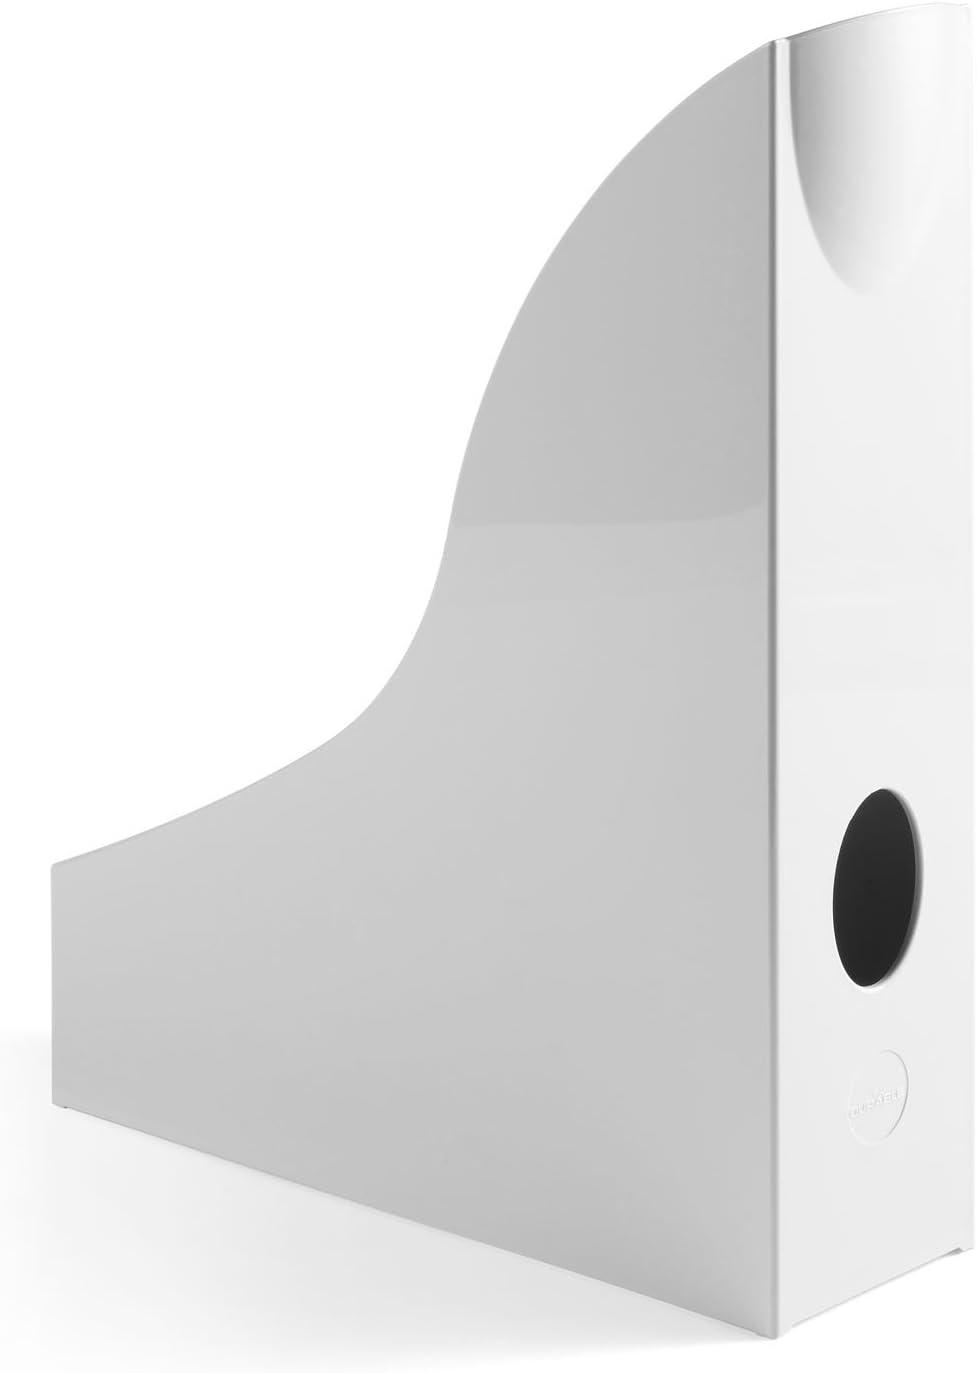 Polystyrol DURABLE Hunke /& Jochheim Stehsammler BASIC grau 73 x 306 x 241 mm